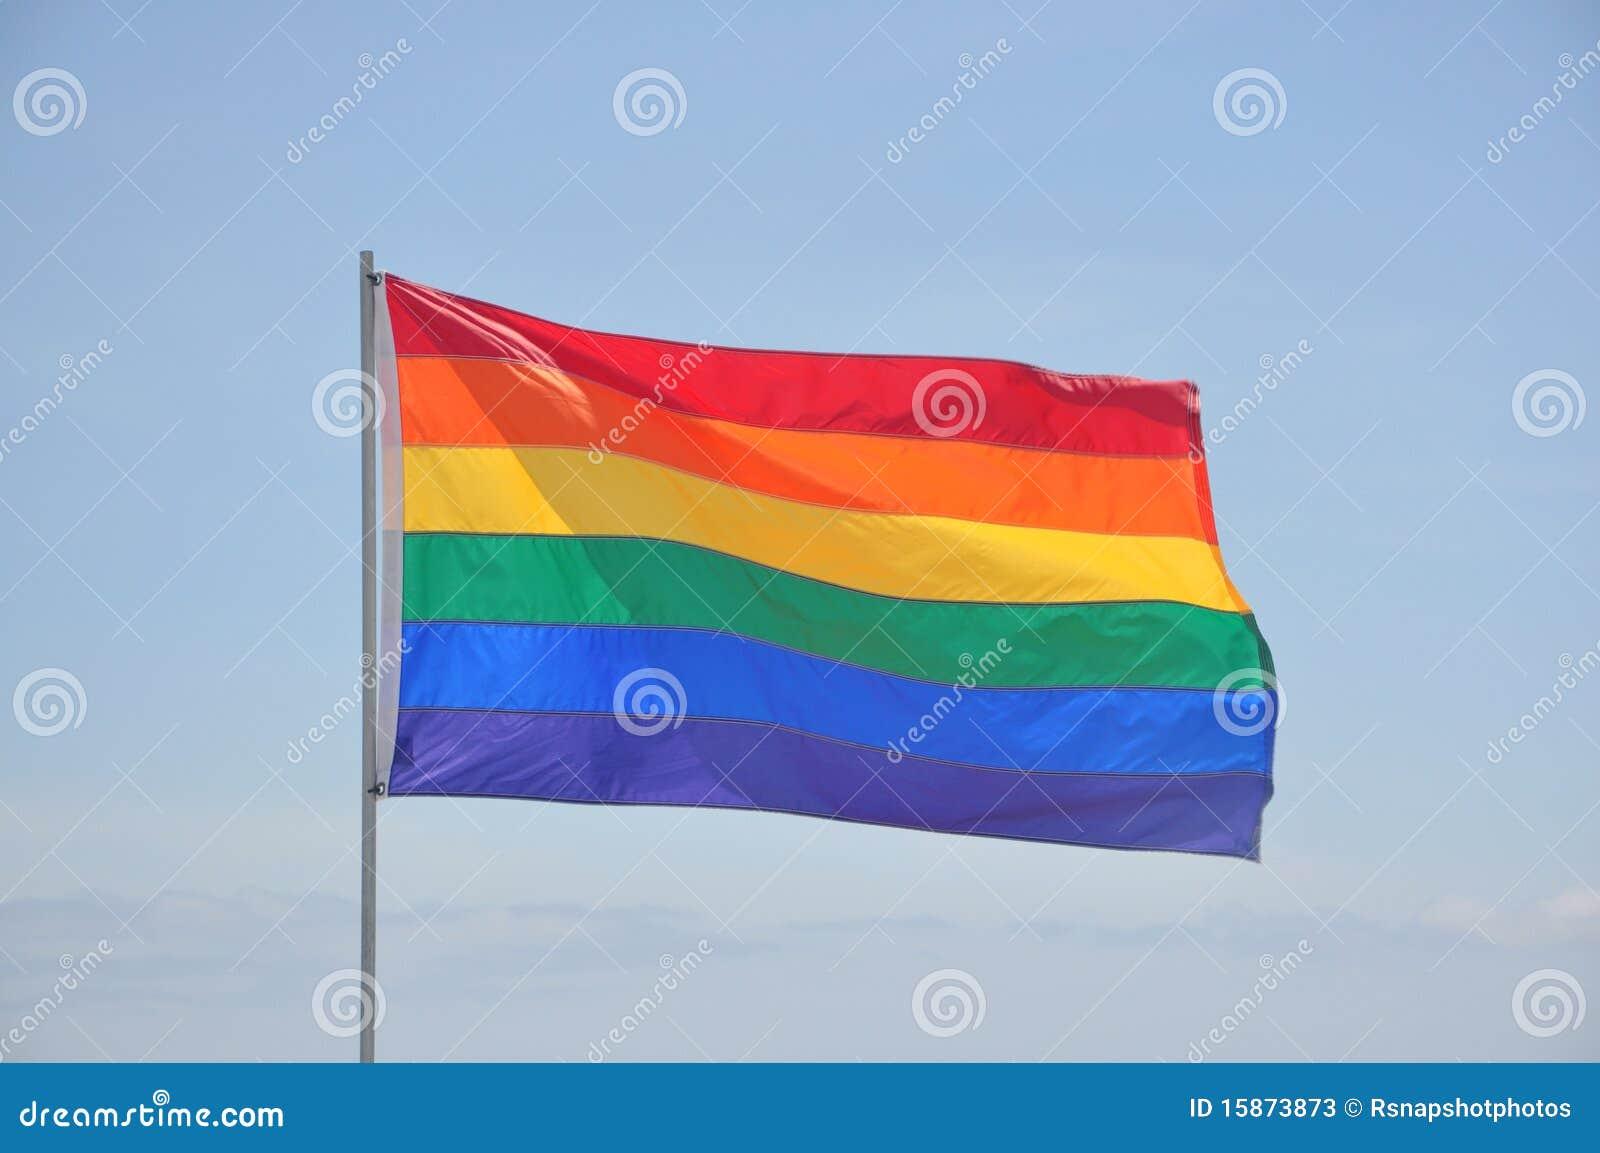 För polstolthet för flagga glad regnbåge